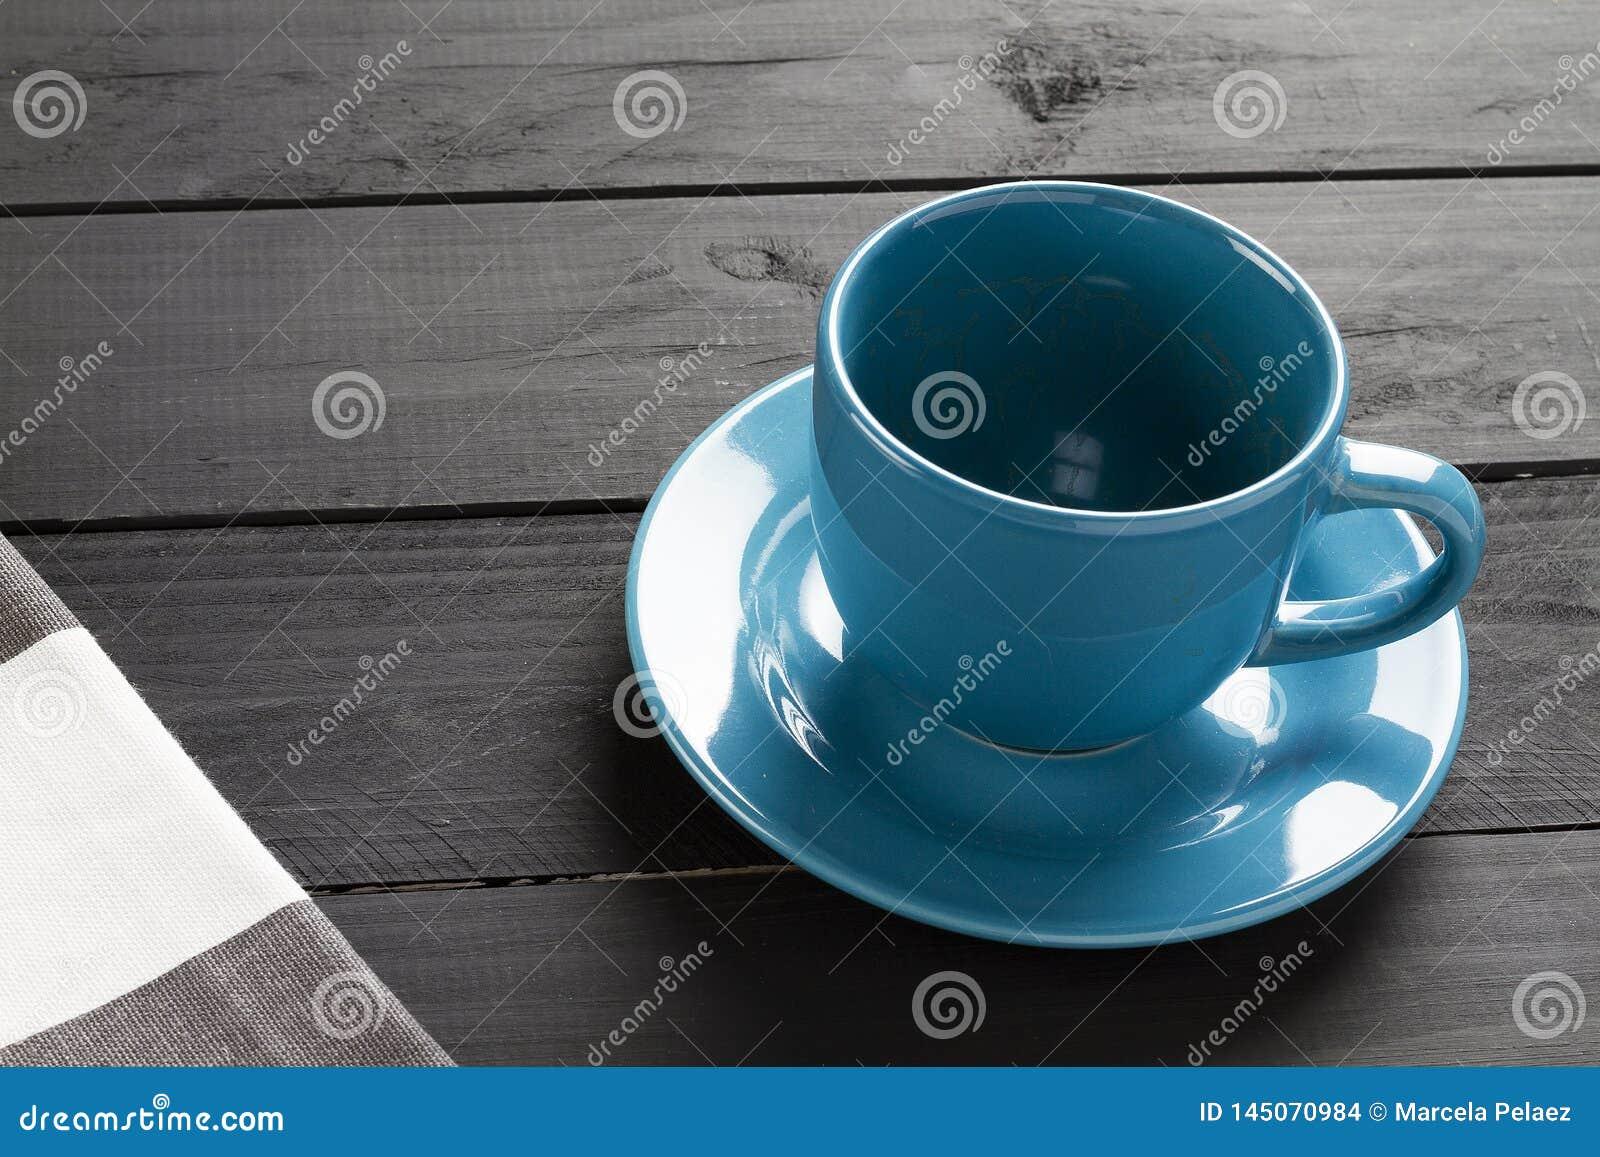 Ceramische kop voor koffie van blauwe kleur zonder vloeistof op zwarte houten achtergrond en vod van grijze en witte strepen